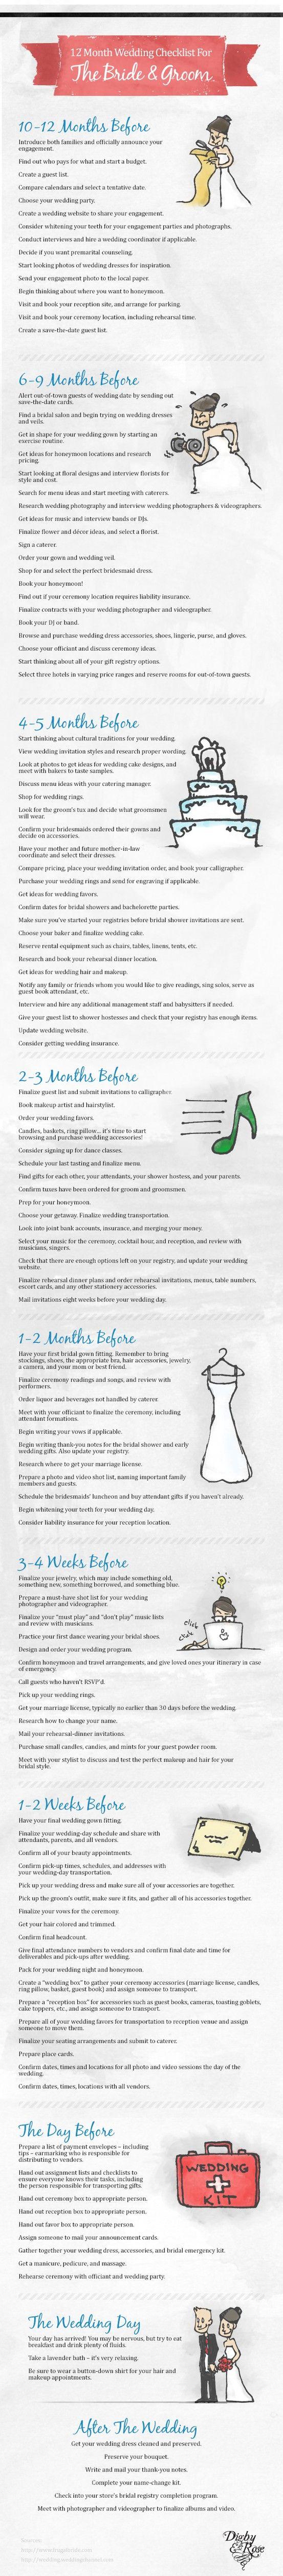 12 Month Wedding Planning Checklist Calendar